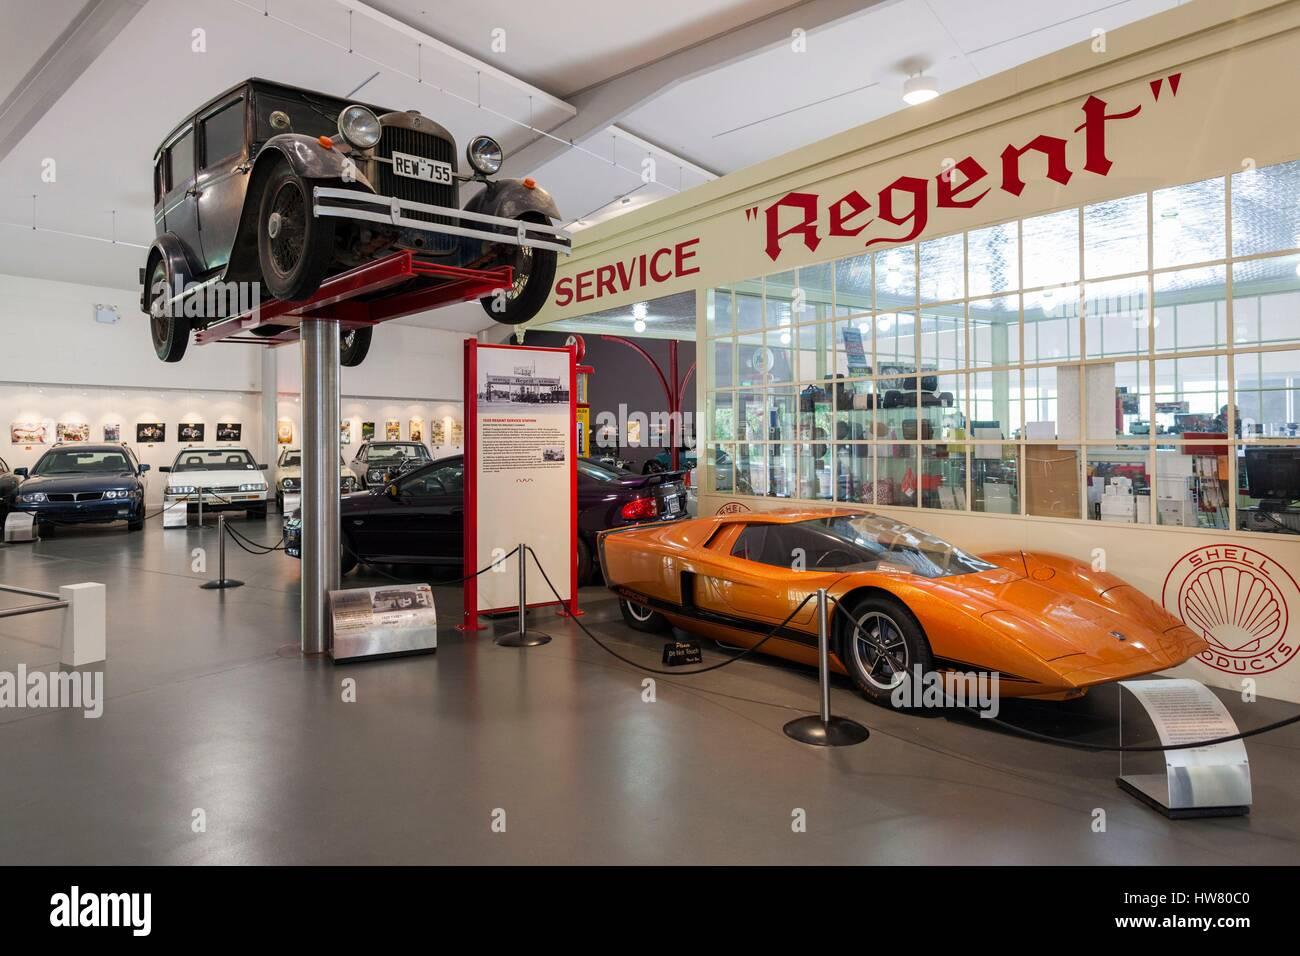 Australien, South Australia, Adelaide Hills, Birdwood, National Motor Museum, innen Tankstelle Stockbild